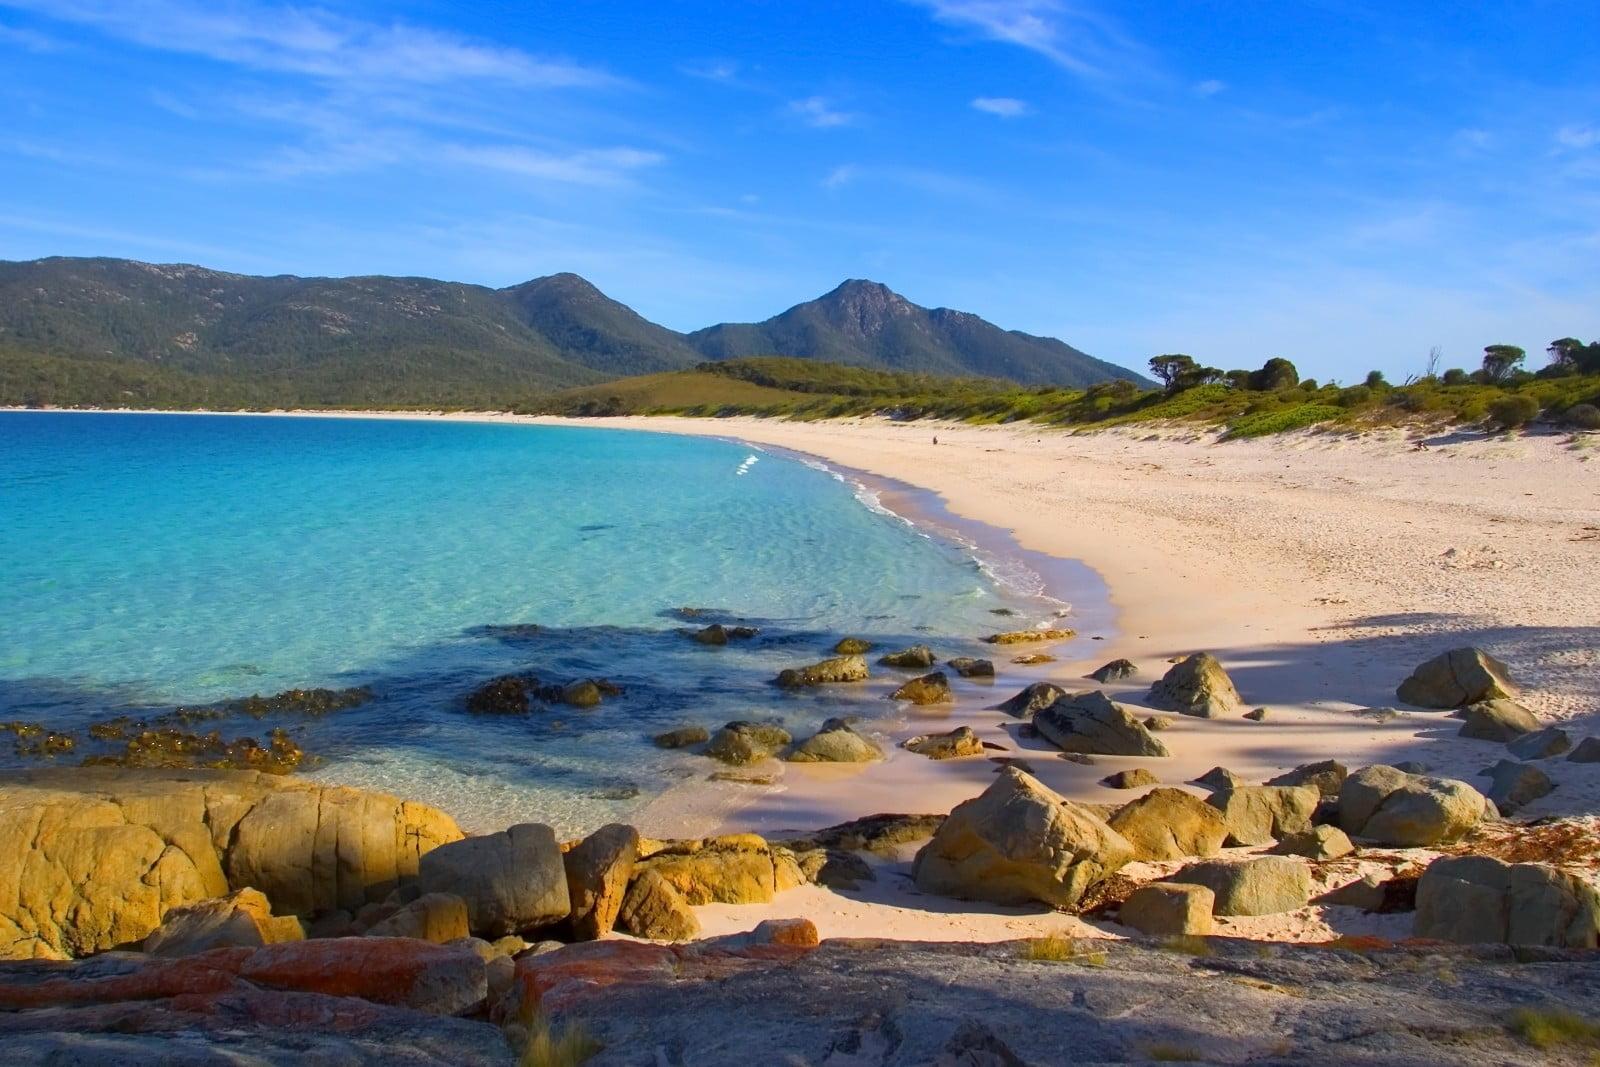 plage de sable avec des montagnes derrière